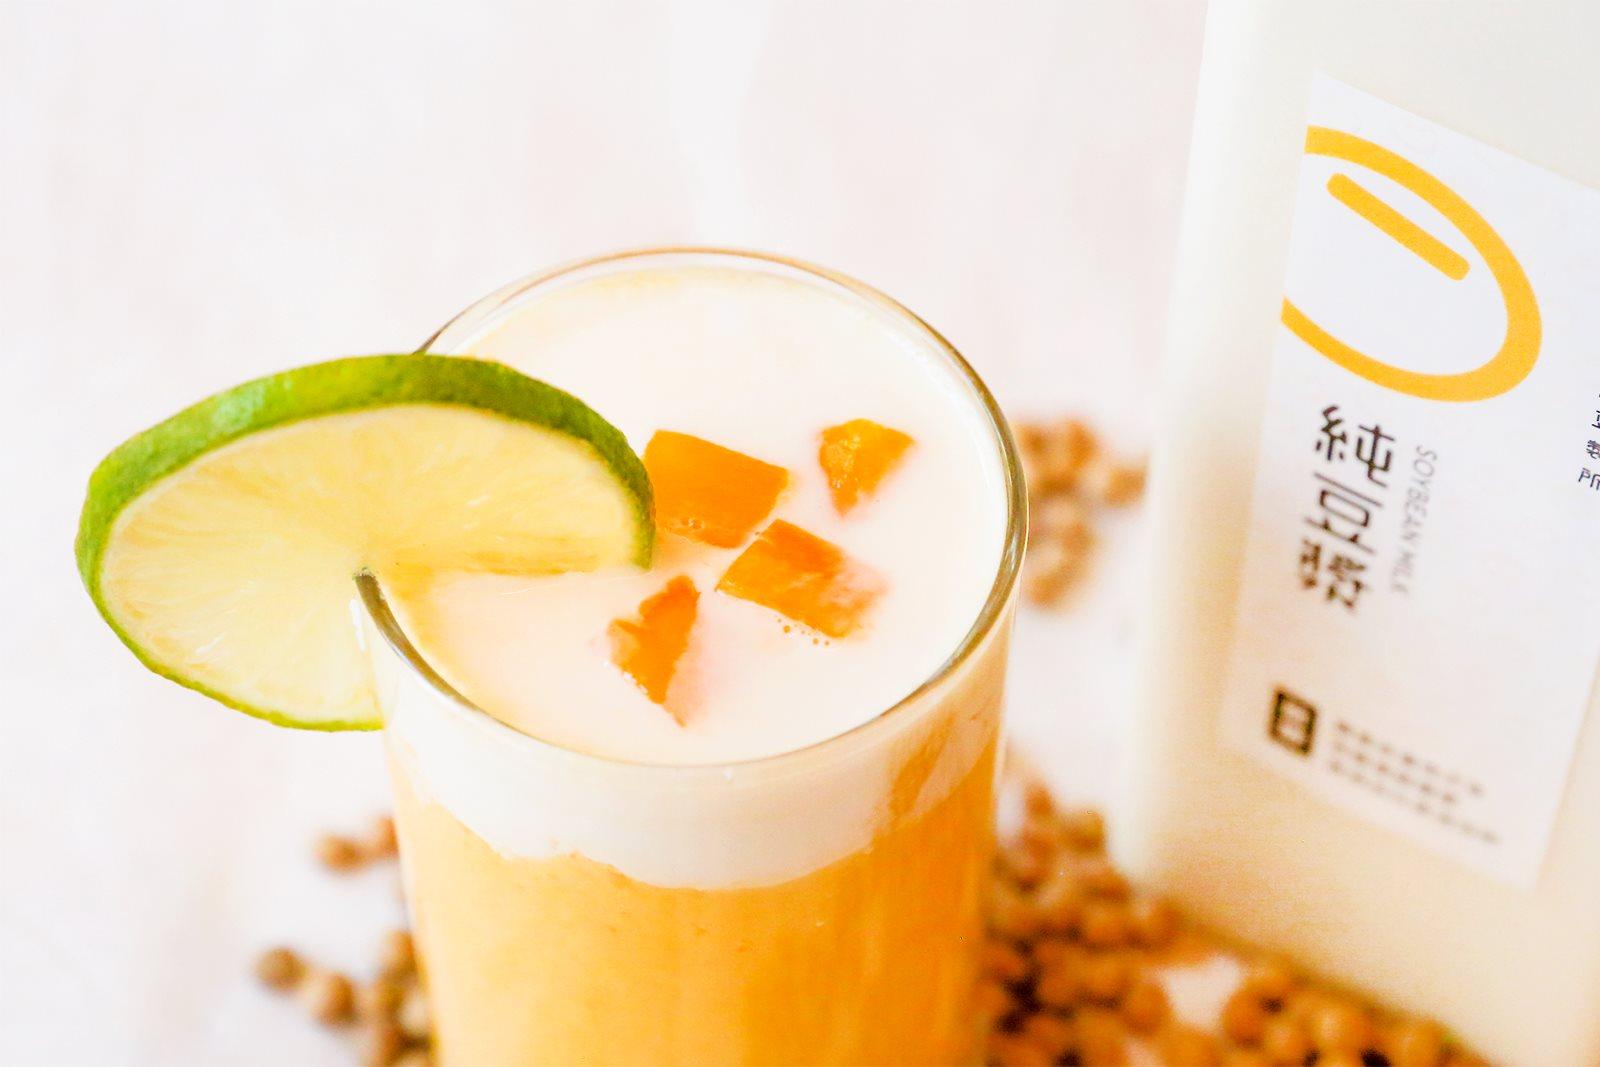 芒果控必喝,季節限定特調:盛夏芒柳活力豆漿|禾乃川小廚房